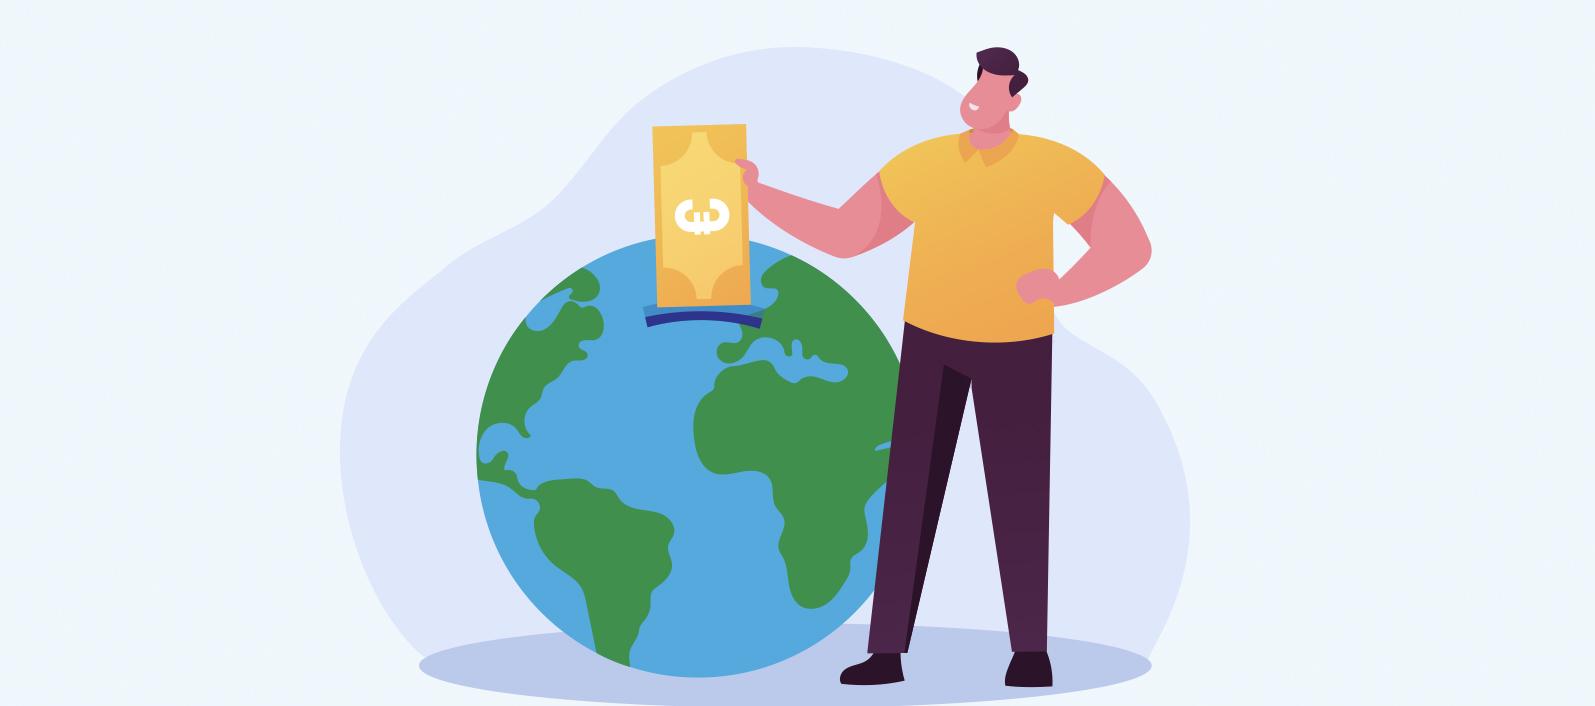 Ahorro económico y menor impacto ecológico